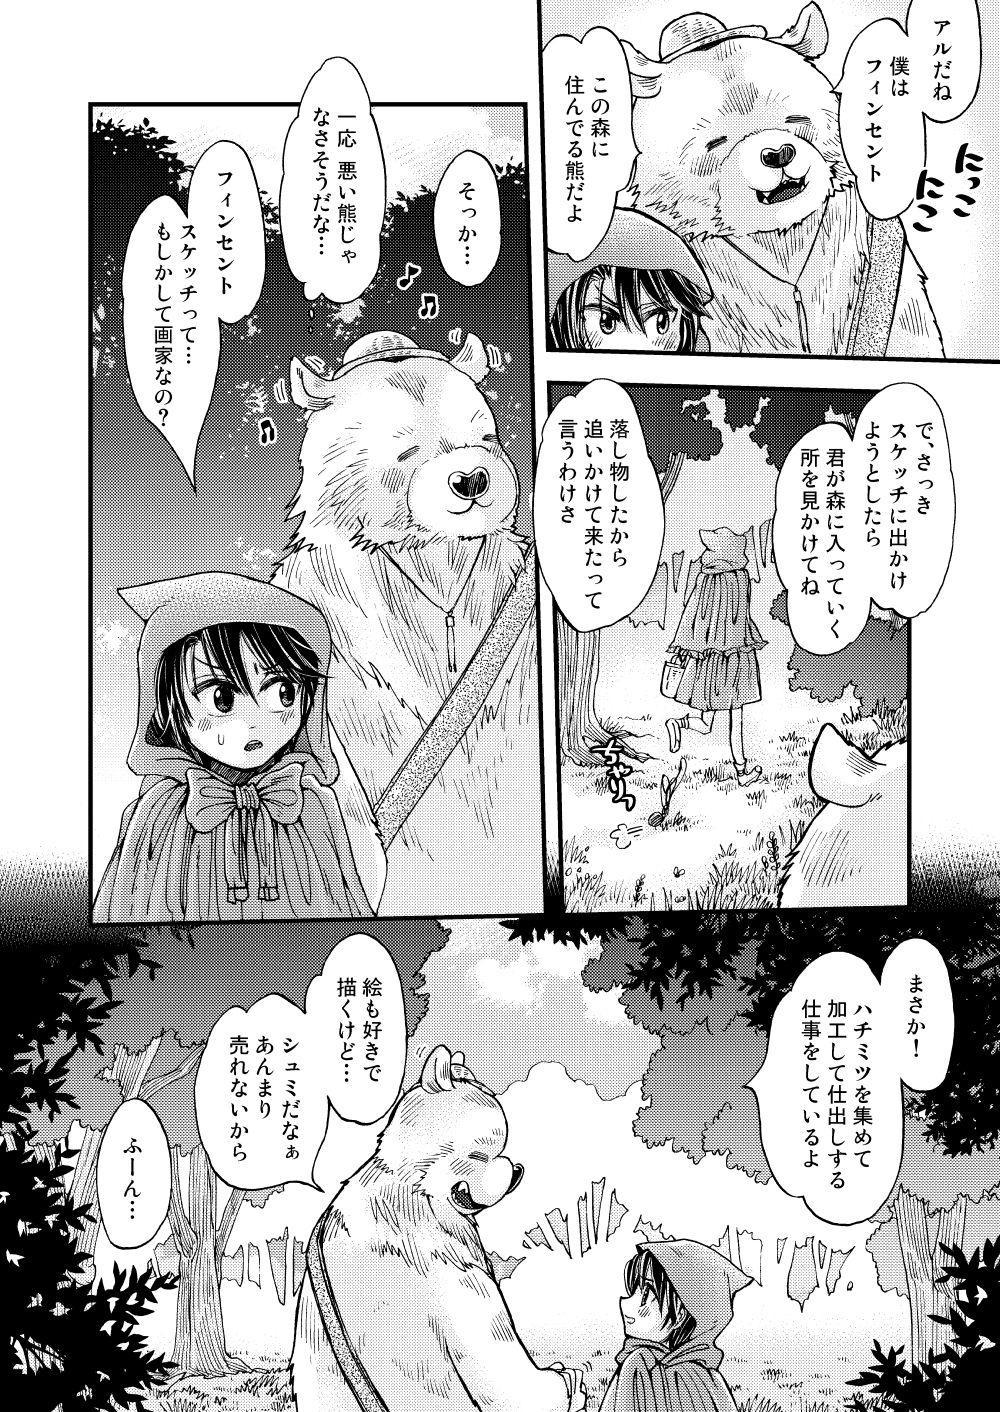 Mori no Kuma-san ni Aisare Sugite Mofu Mofu 9